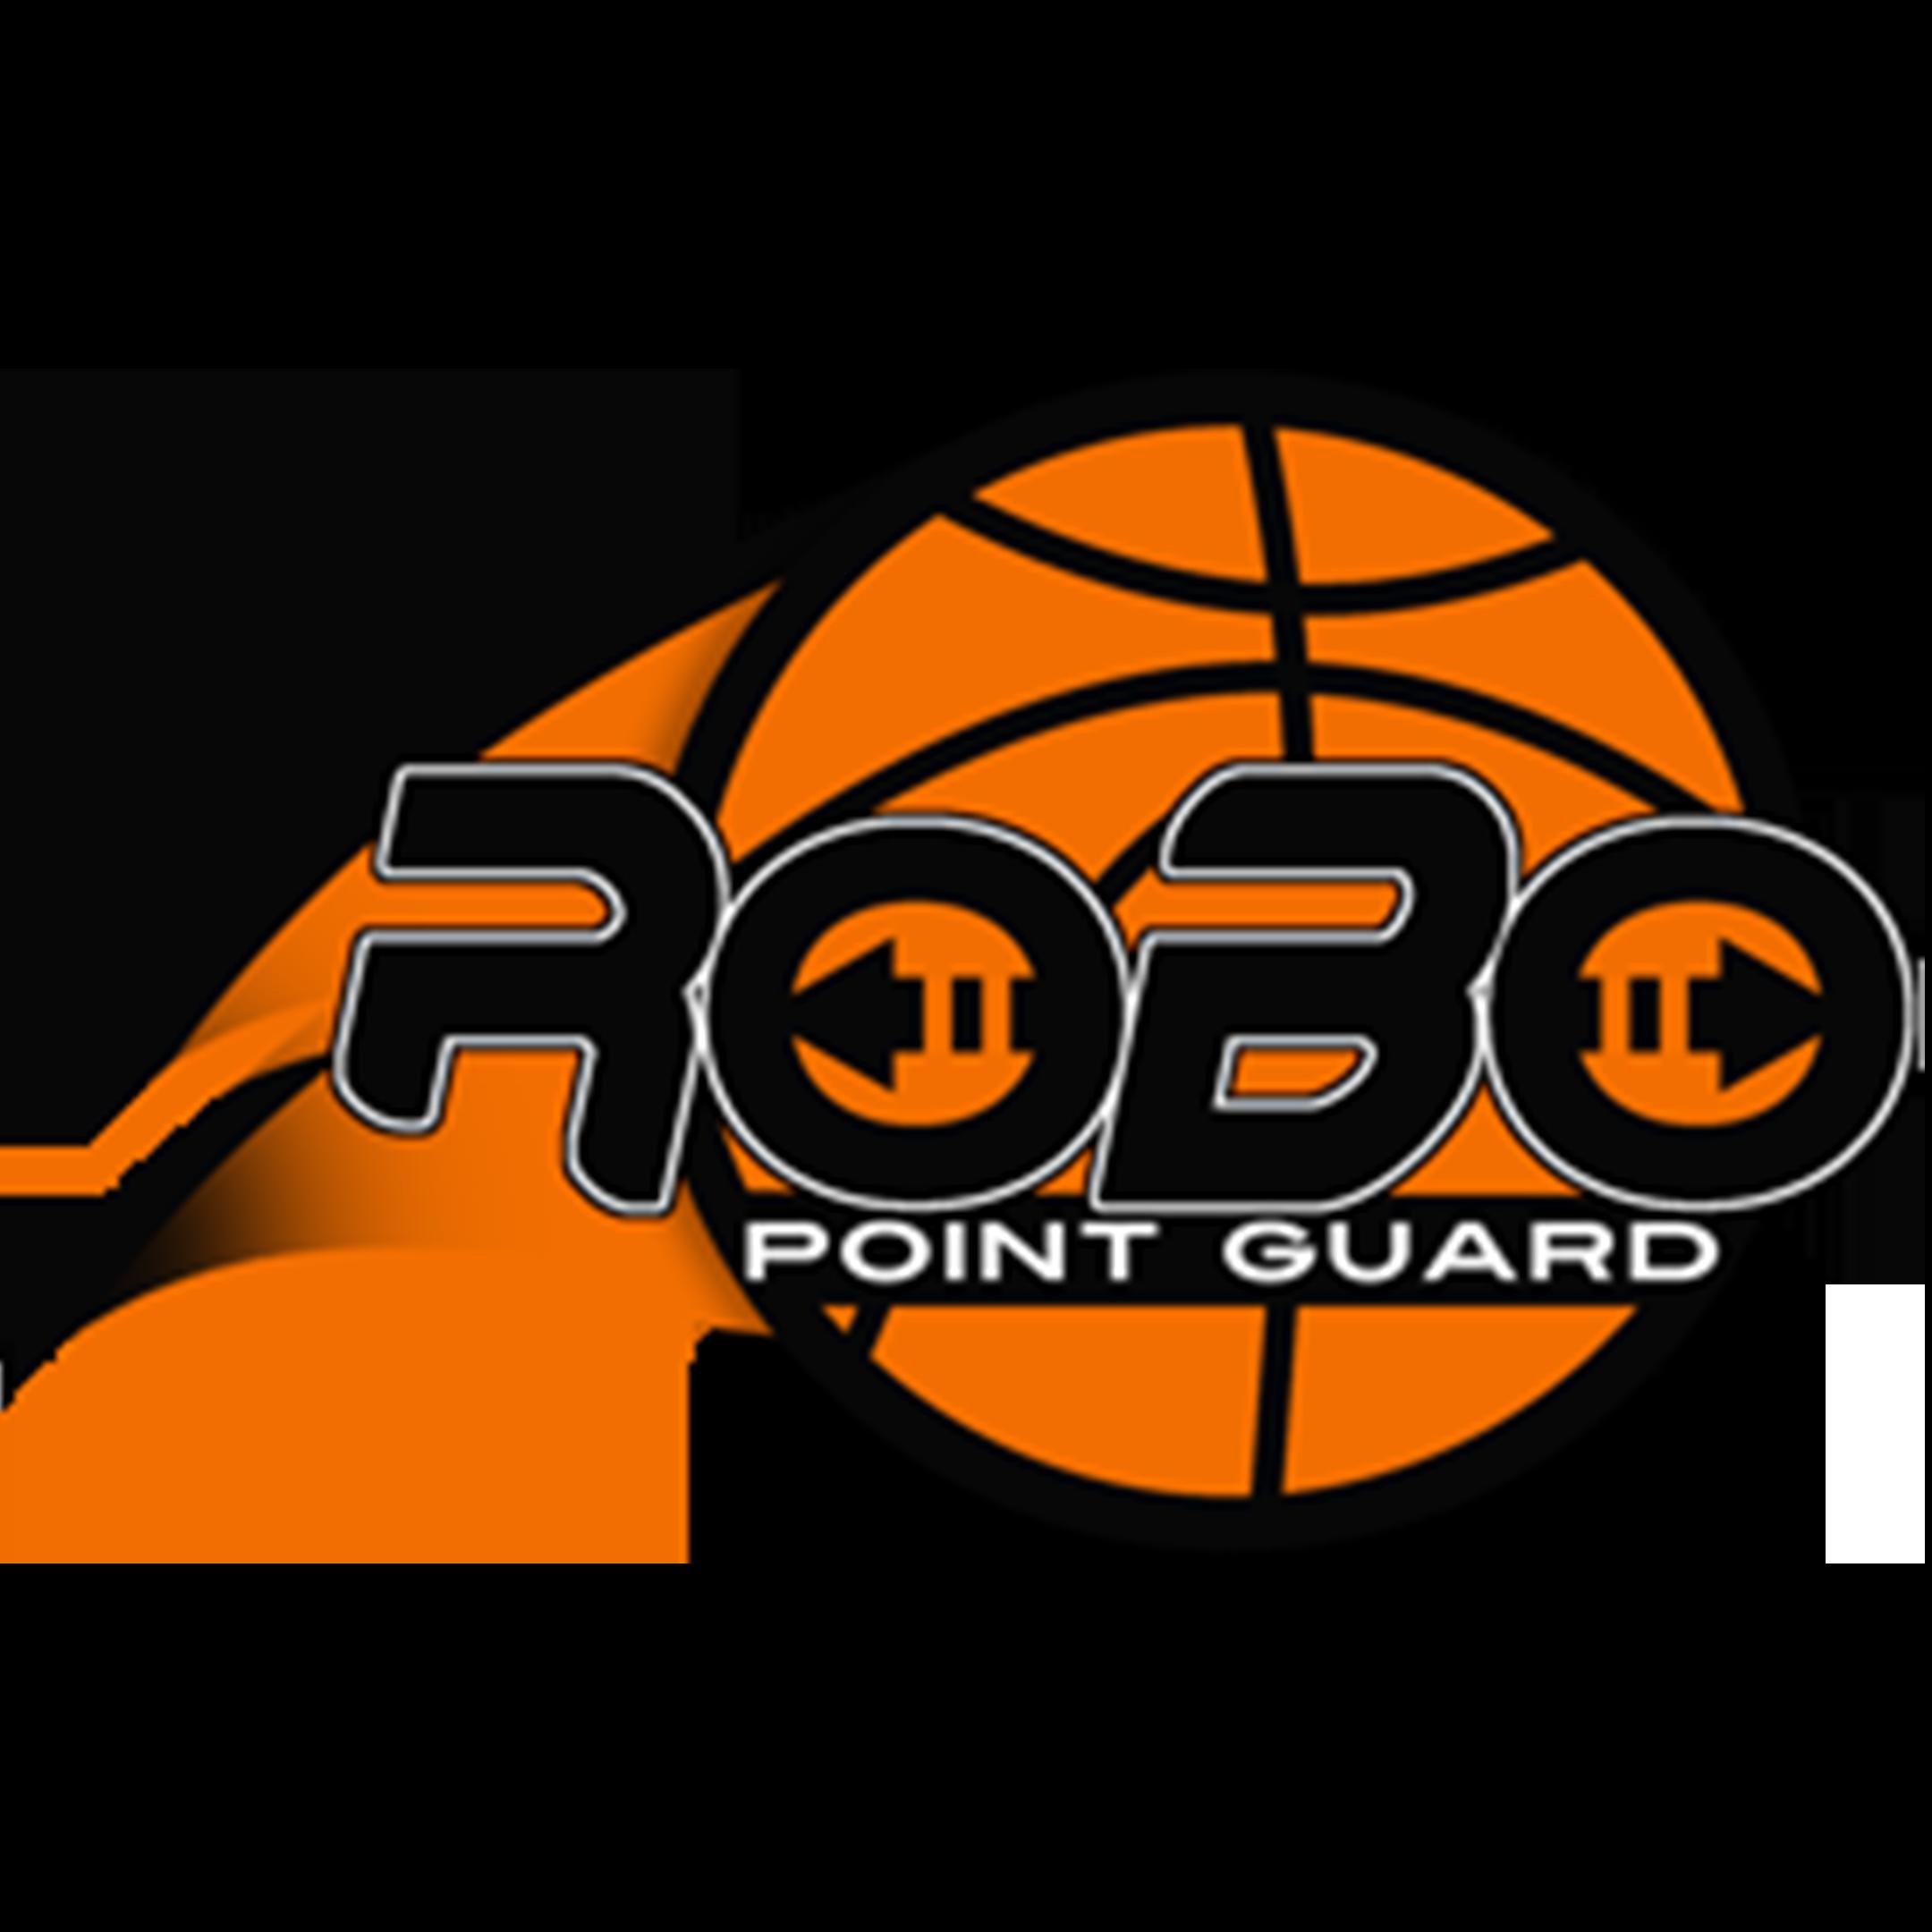 Robo Point Guard logo